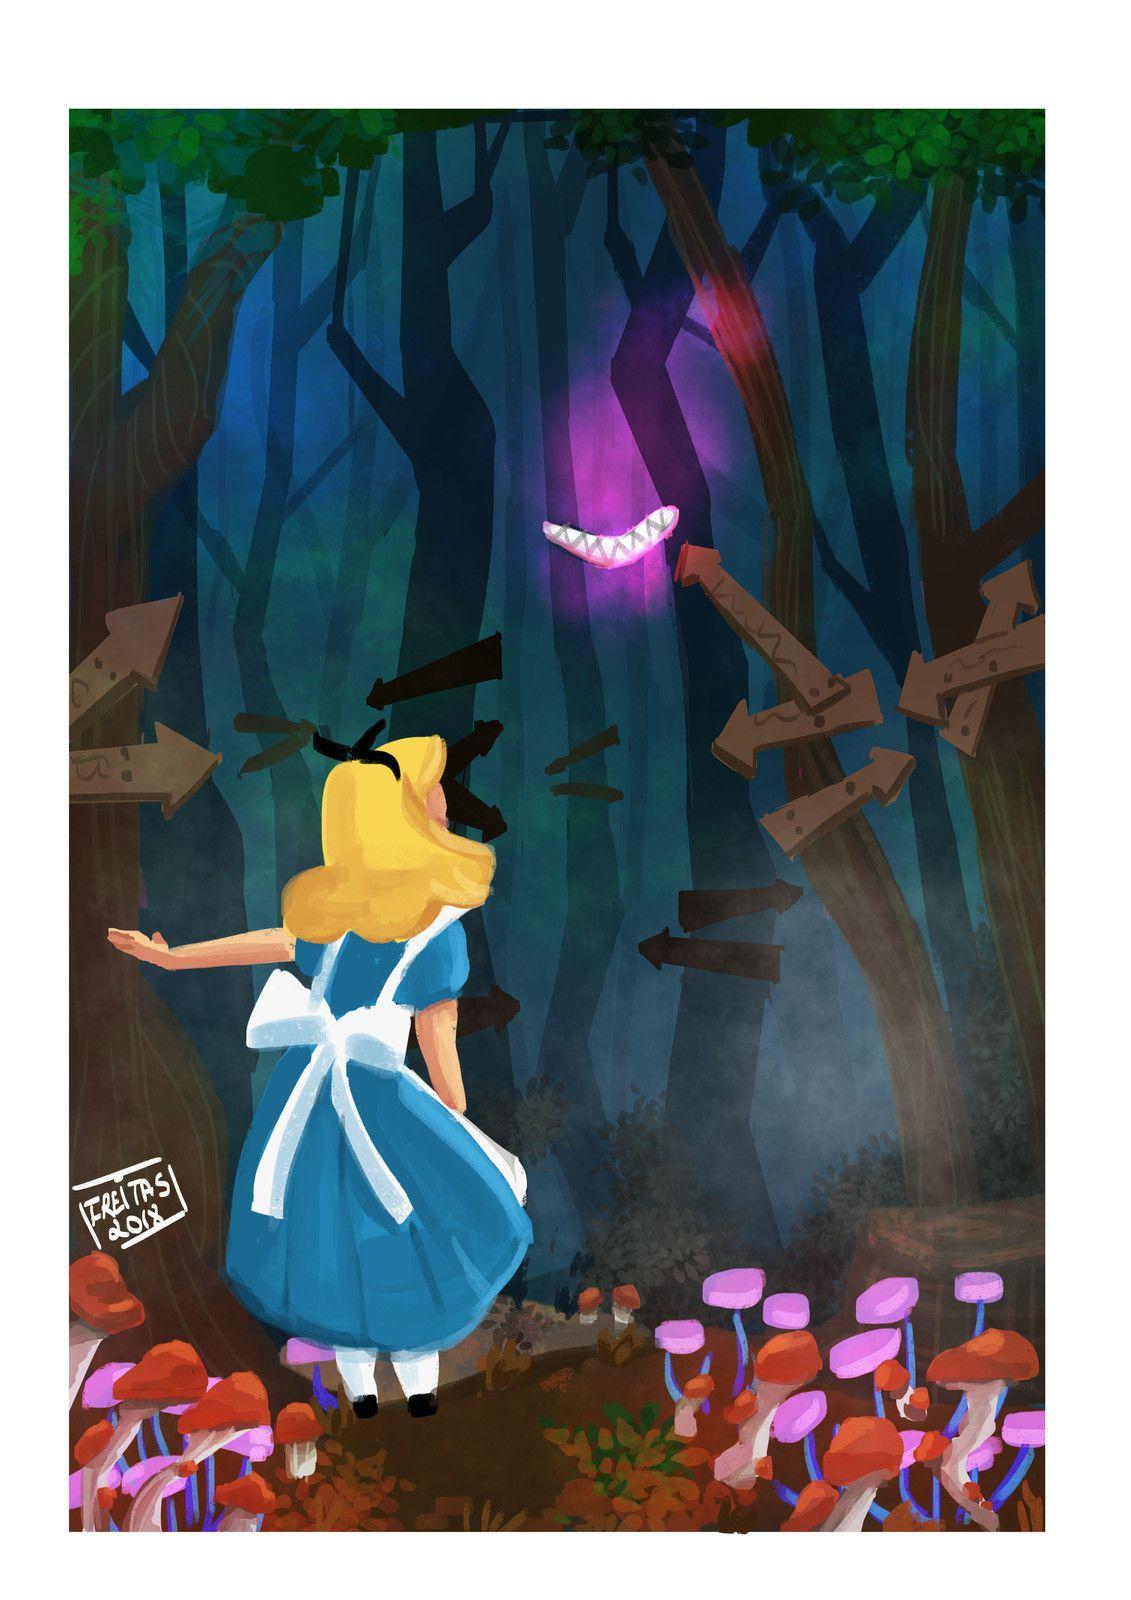 Alice In The Wonderland Thamiris Freitas On Artstation At Https Www Artstation Com Artwor Alice In Wonderland Artwork Alice In Wonderland Psychedelic Poster